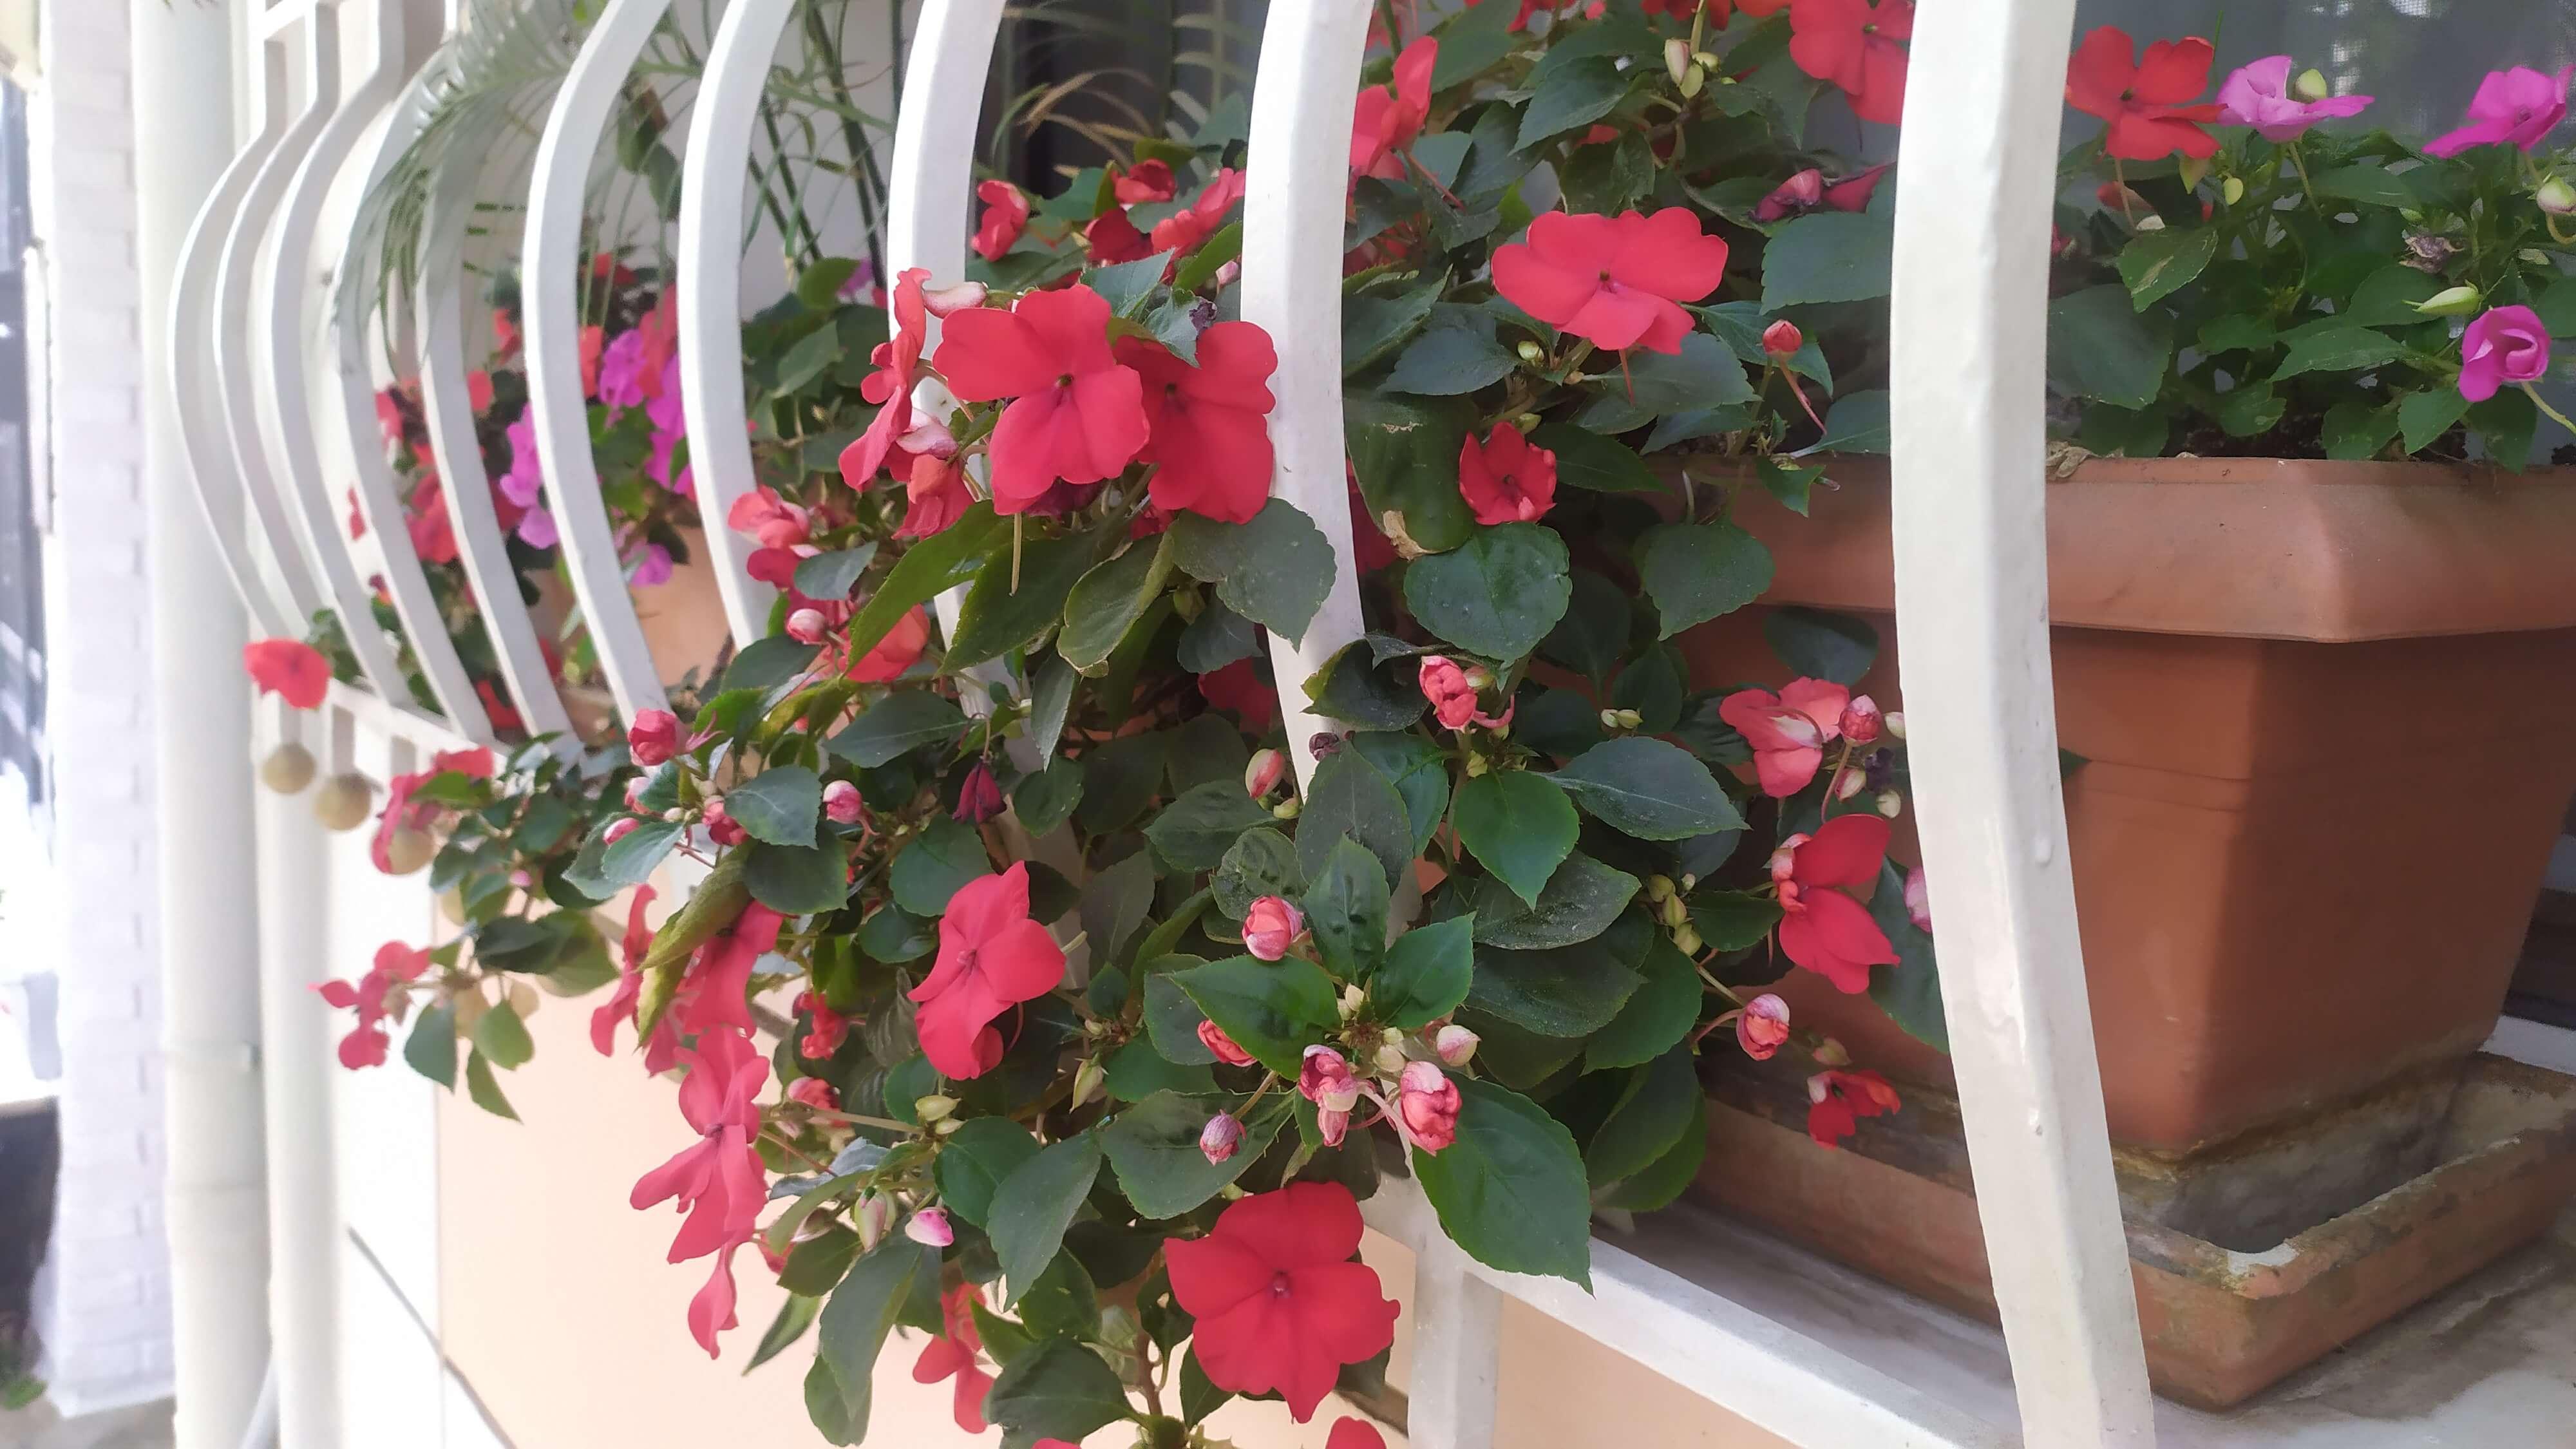 Ιδανικά φυτά για κρεμαστές διακοσμήσεις.